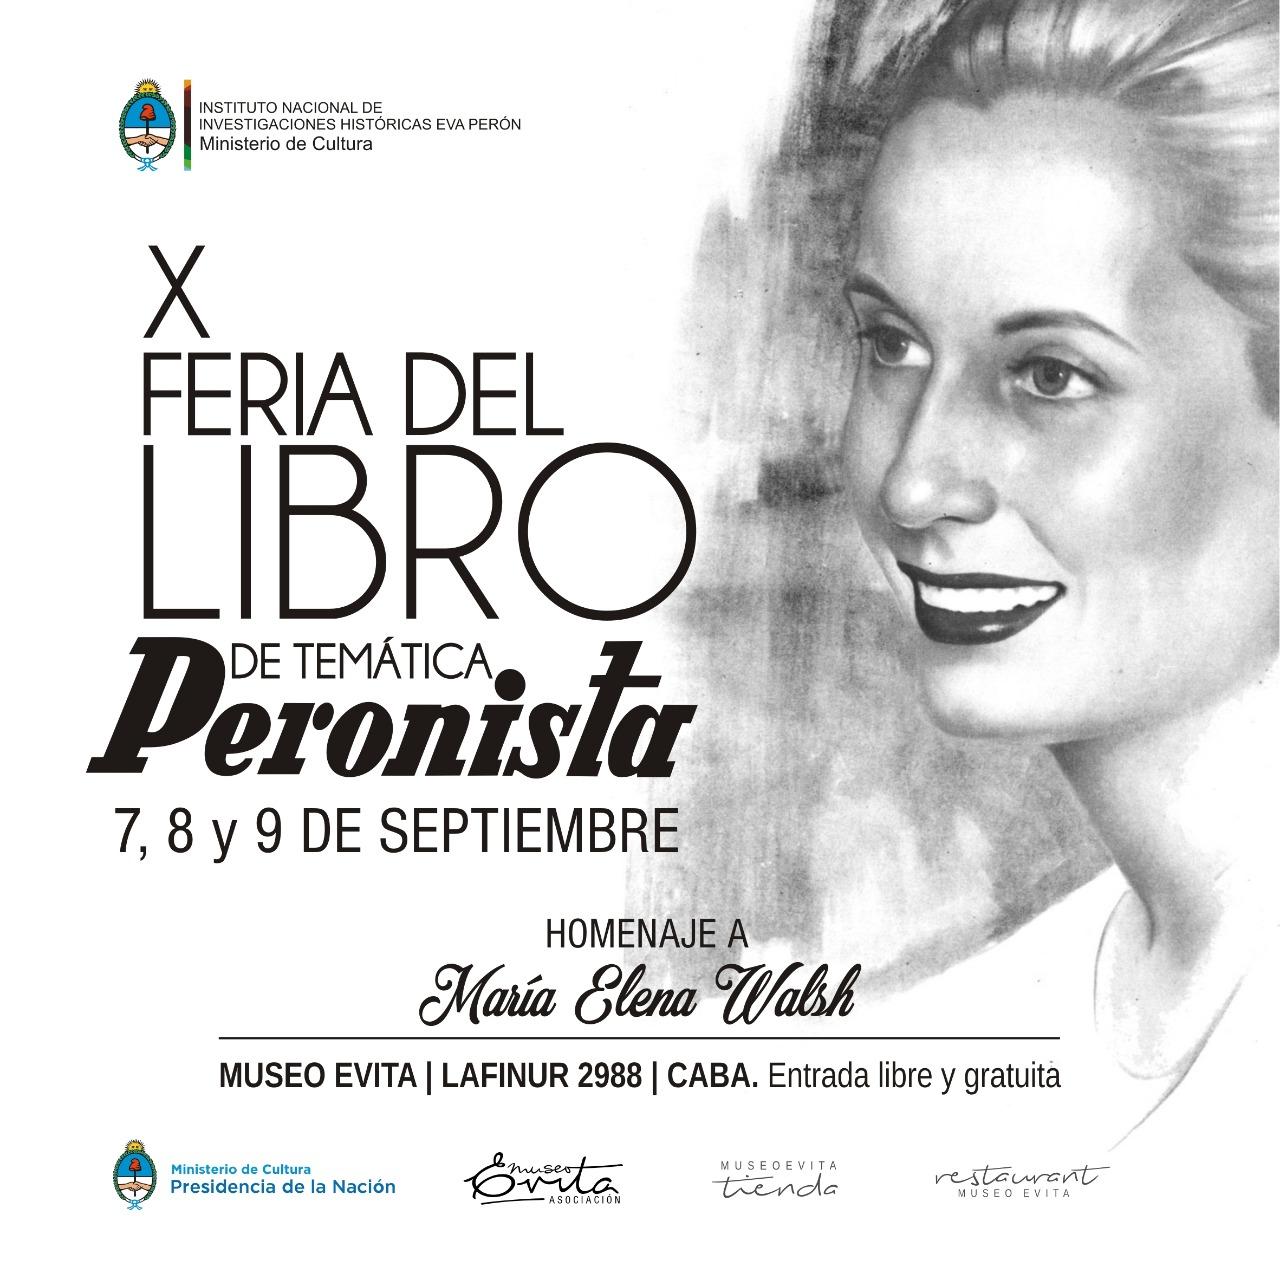 X Feria del Libro Temática Peronista